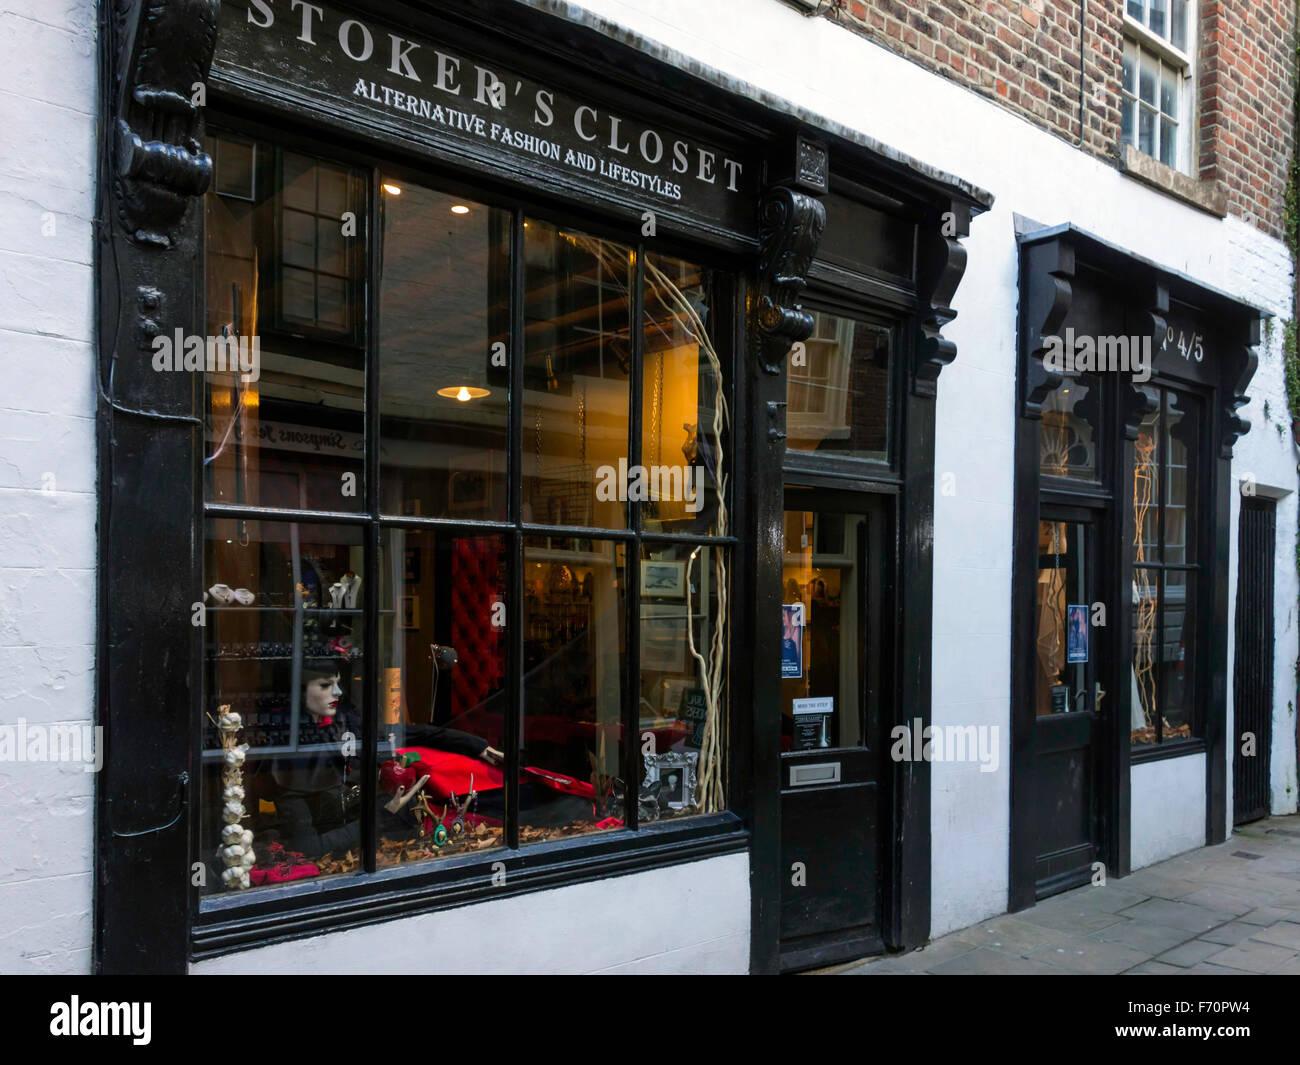 Stokers Schrank verkaufen Gothic Kleidung und Mode-Accessoires in ...